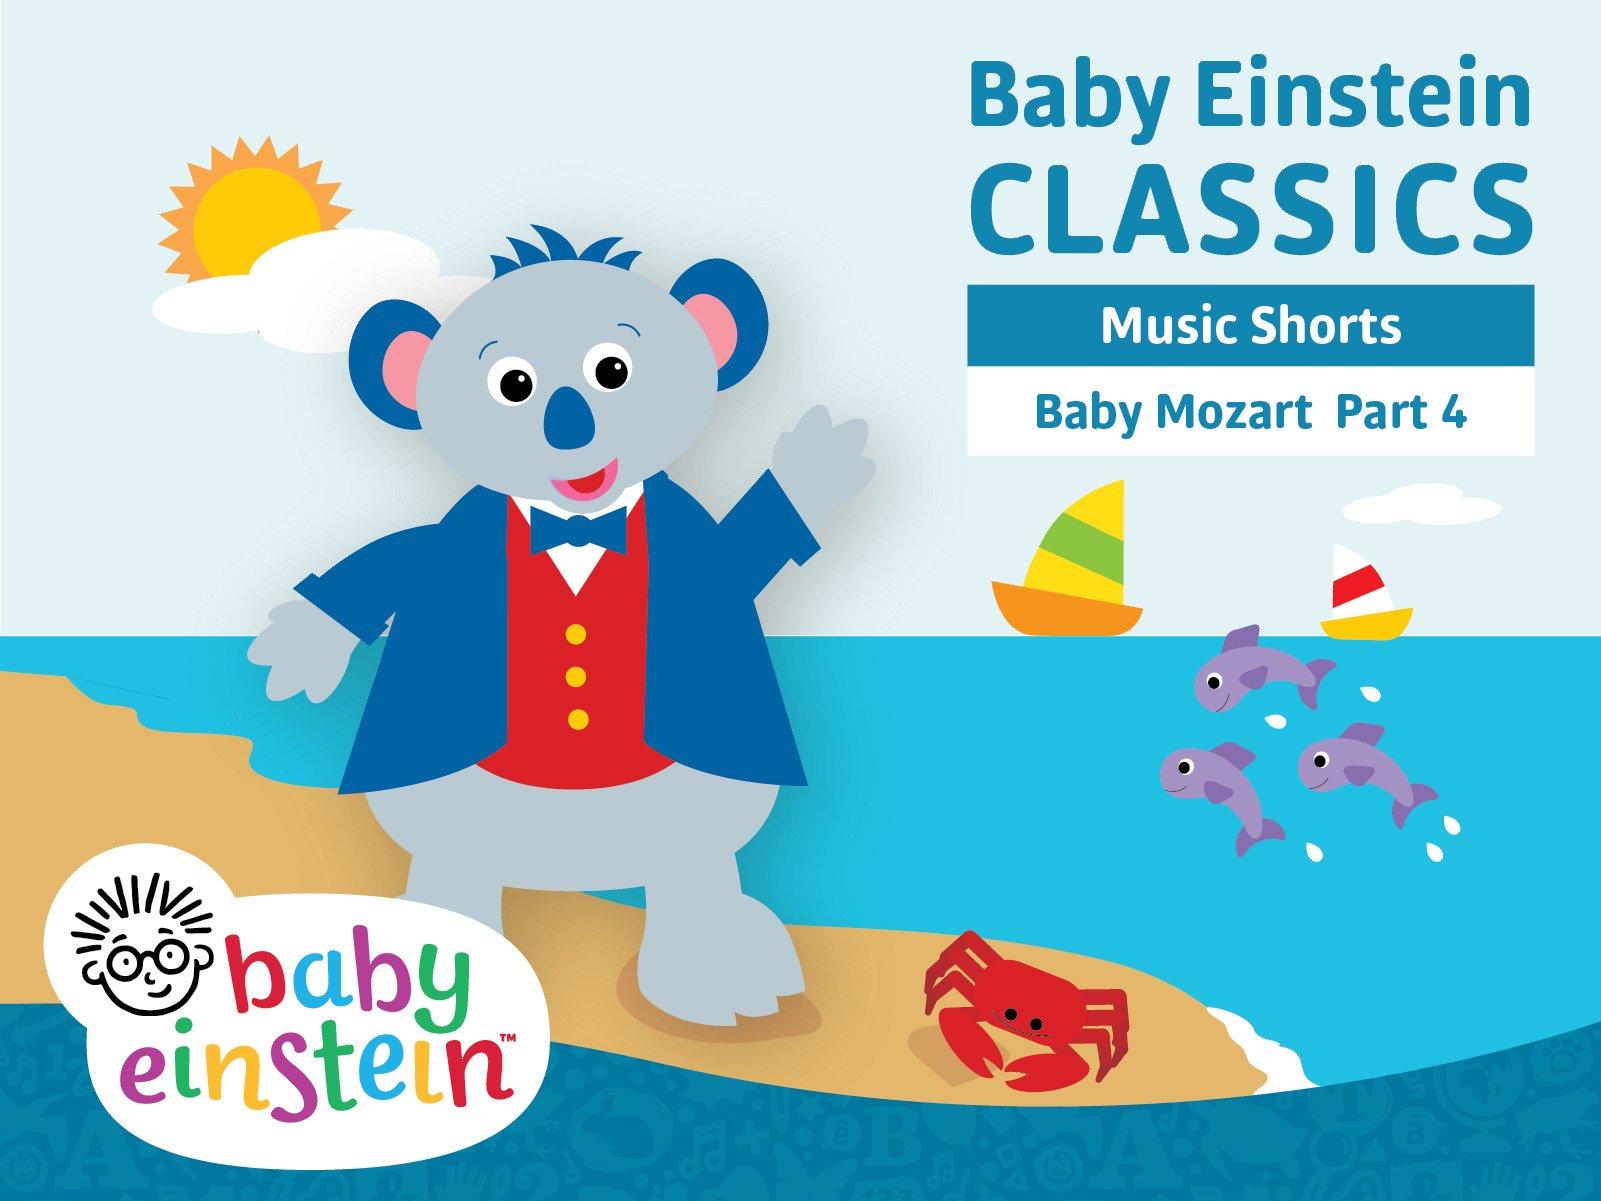 Amazon.de: Baby Einstein Classics - Music Shorts [OV] ansehen